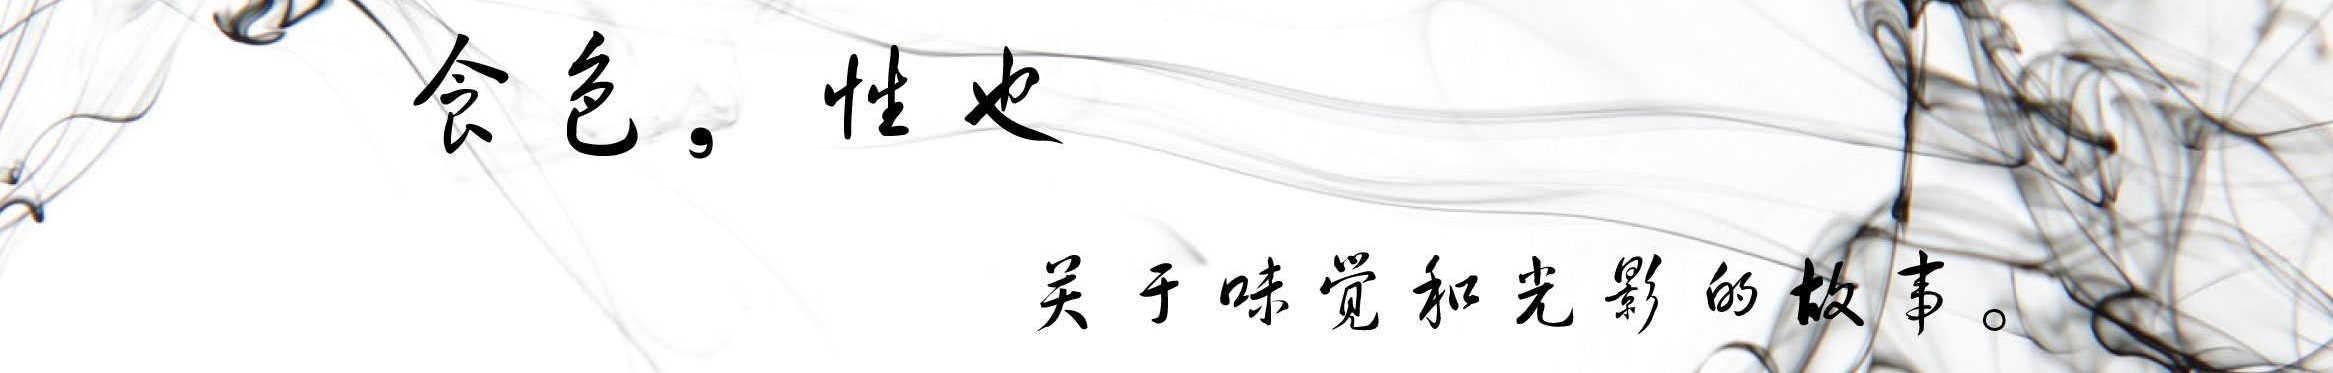 食色记美食 banner